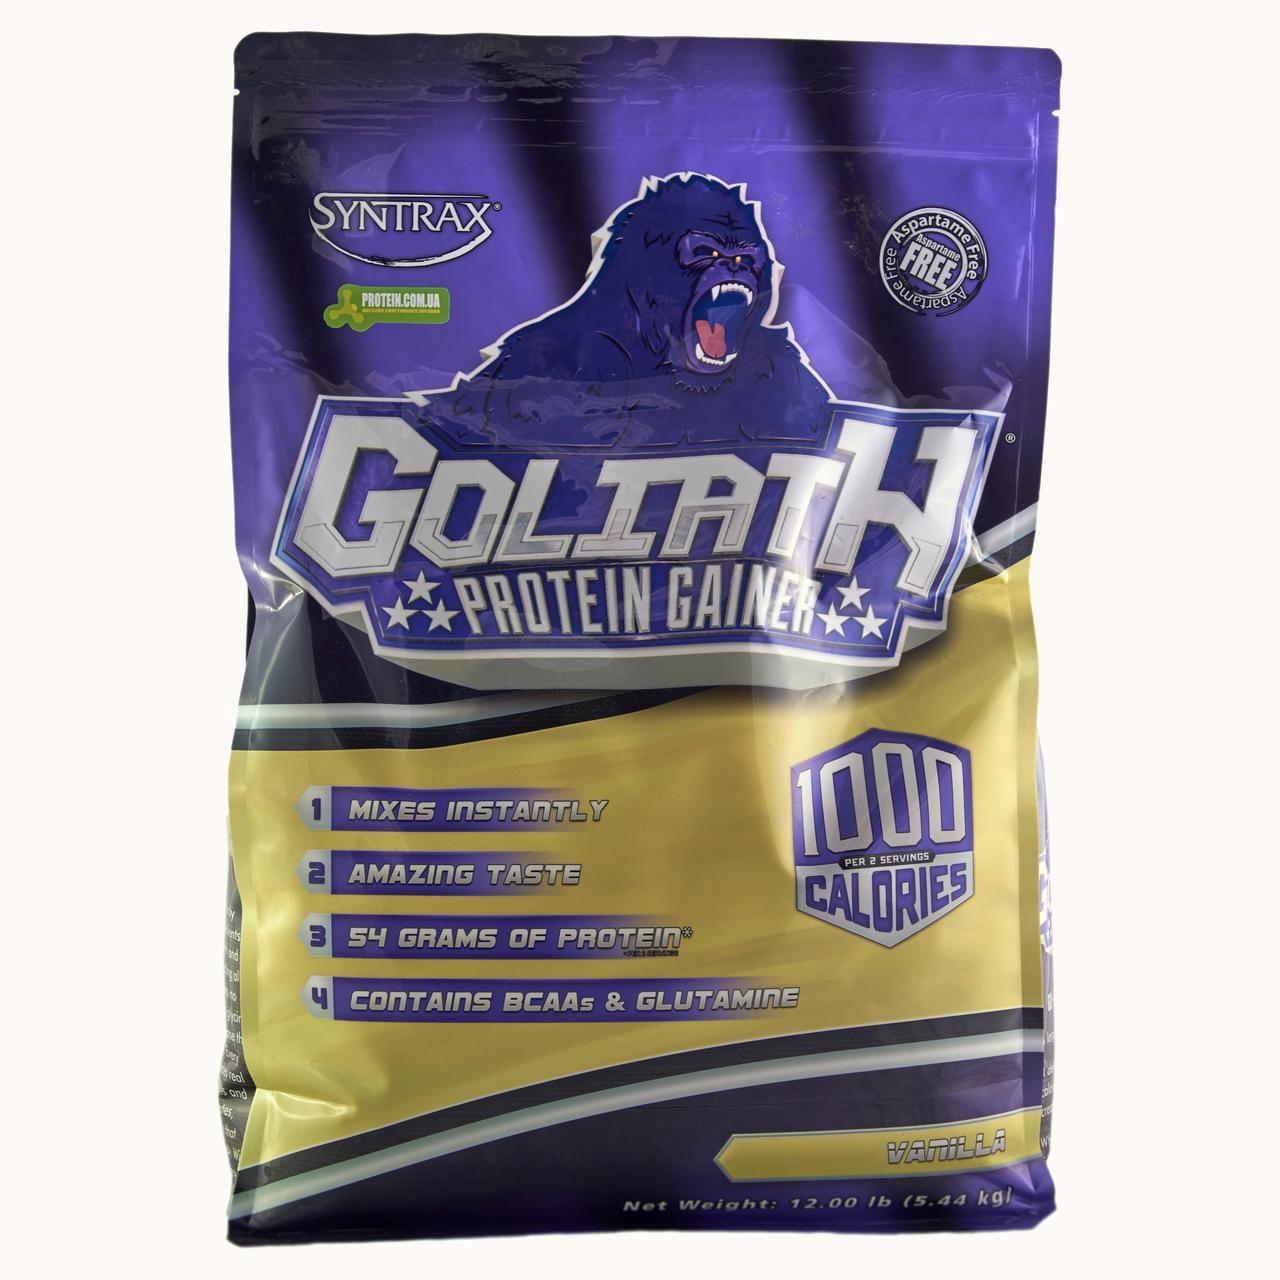 Вітамінний Syntrax Goliath Protein Gainer 5.44 кг ванільний